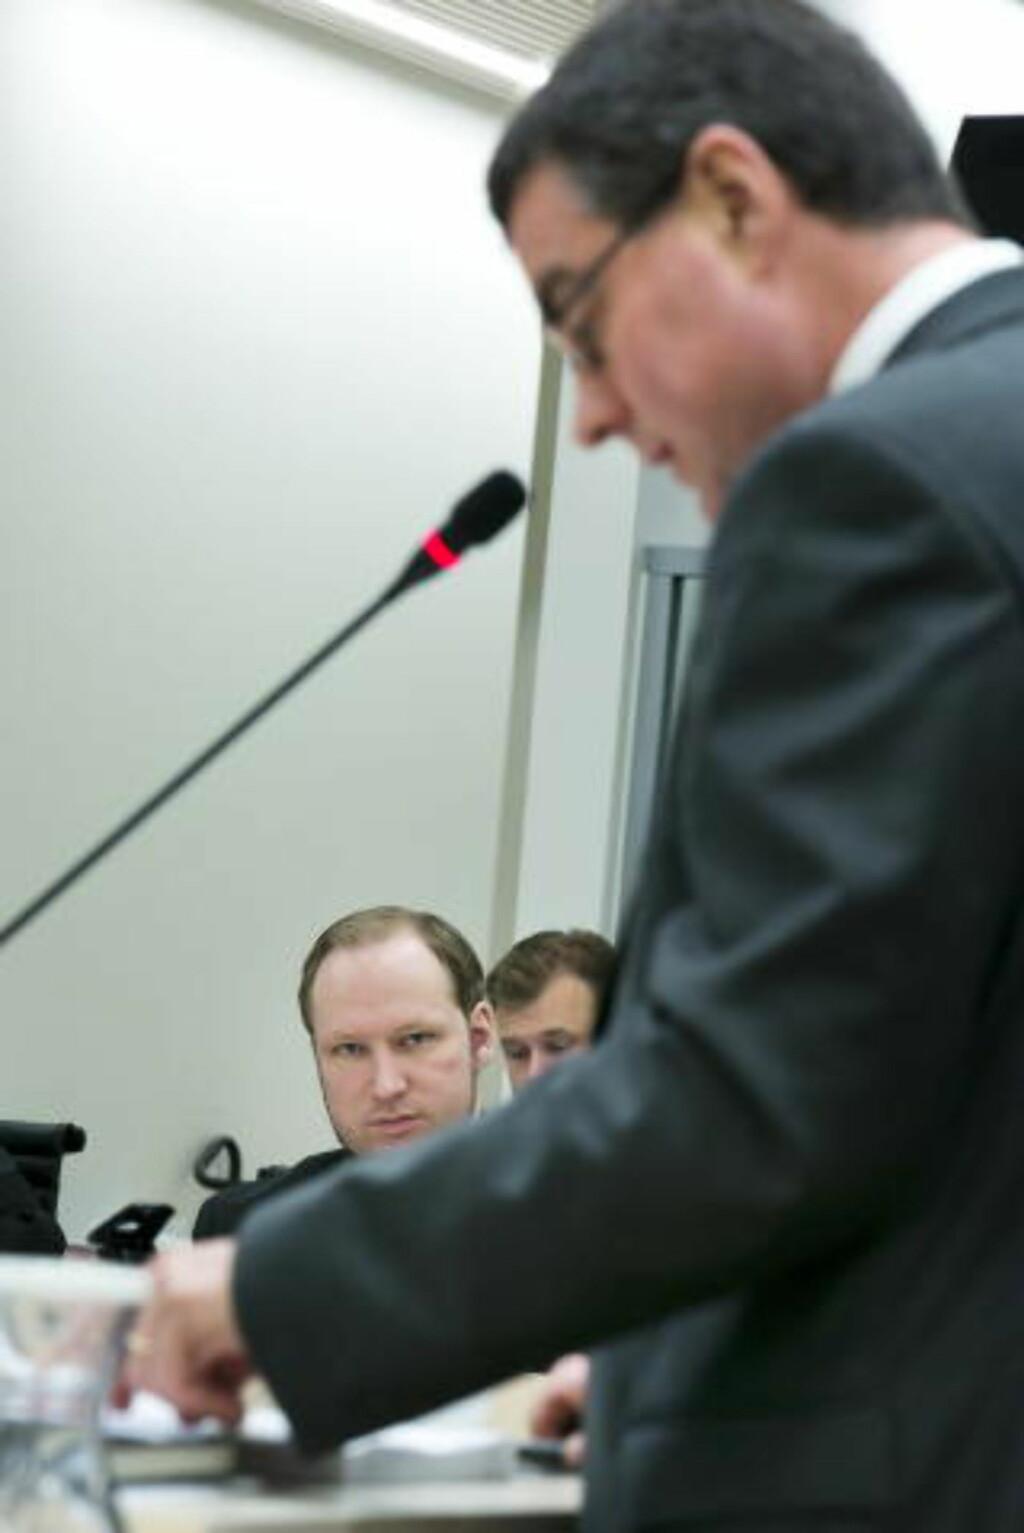 VITNER I DAG: Anders Behring Breivik lytter til rettspsykiaterne Terje Tørrissen og Agnar Aspaas som forklarer seg i rettssal 250 i dag. Foto: Heiko Junge / NTB scanpix